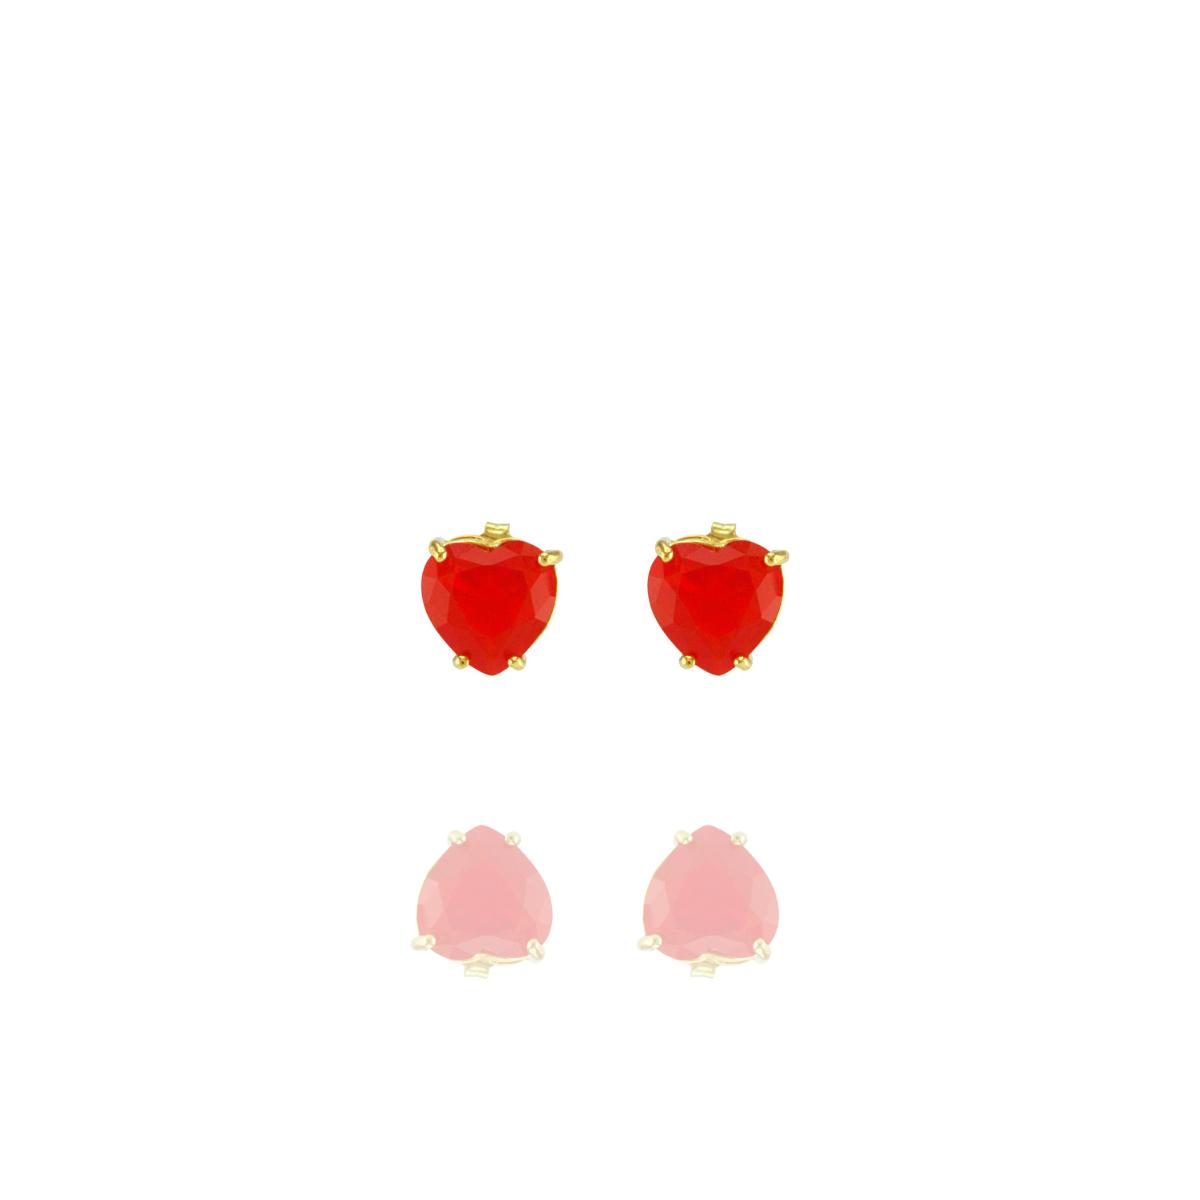 Brinco Barbara Strauss Coração Quartzo Vermelho, Revestido Em Ouro 18K